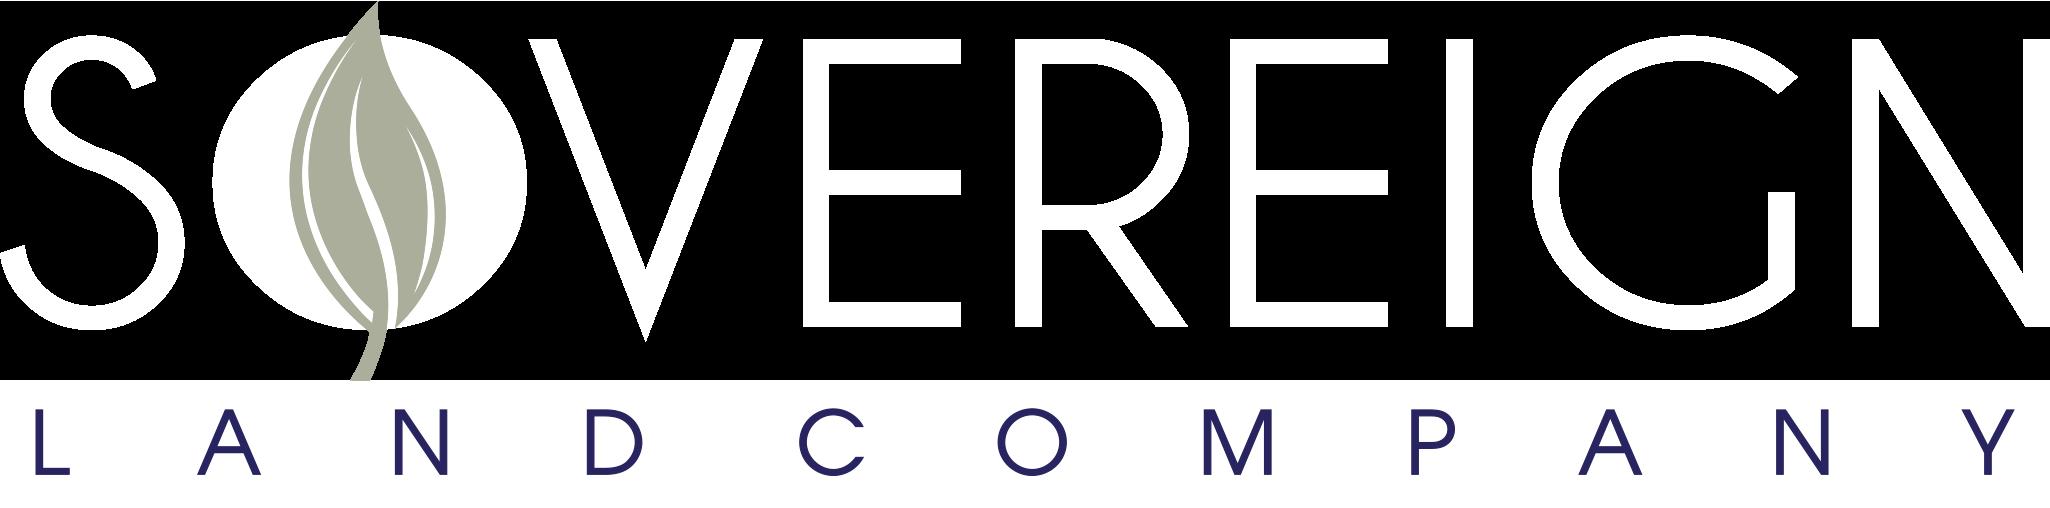 Sovereign Land Company